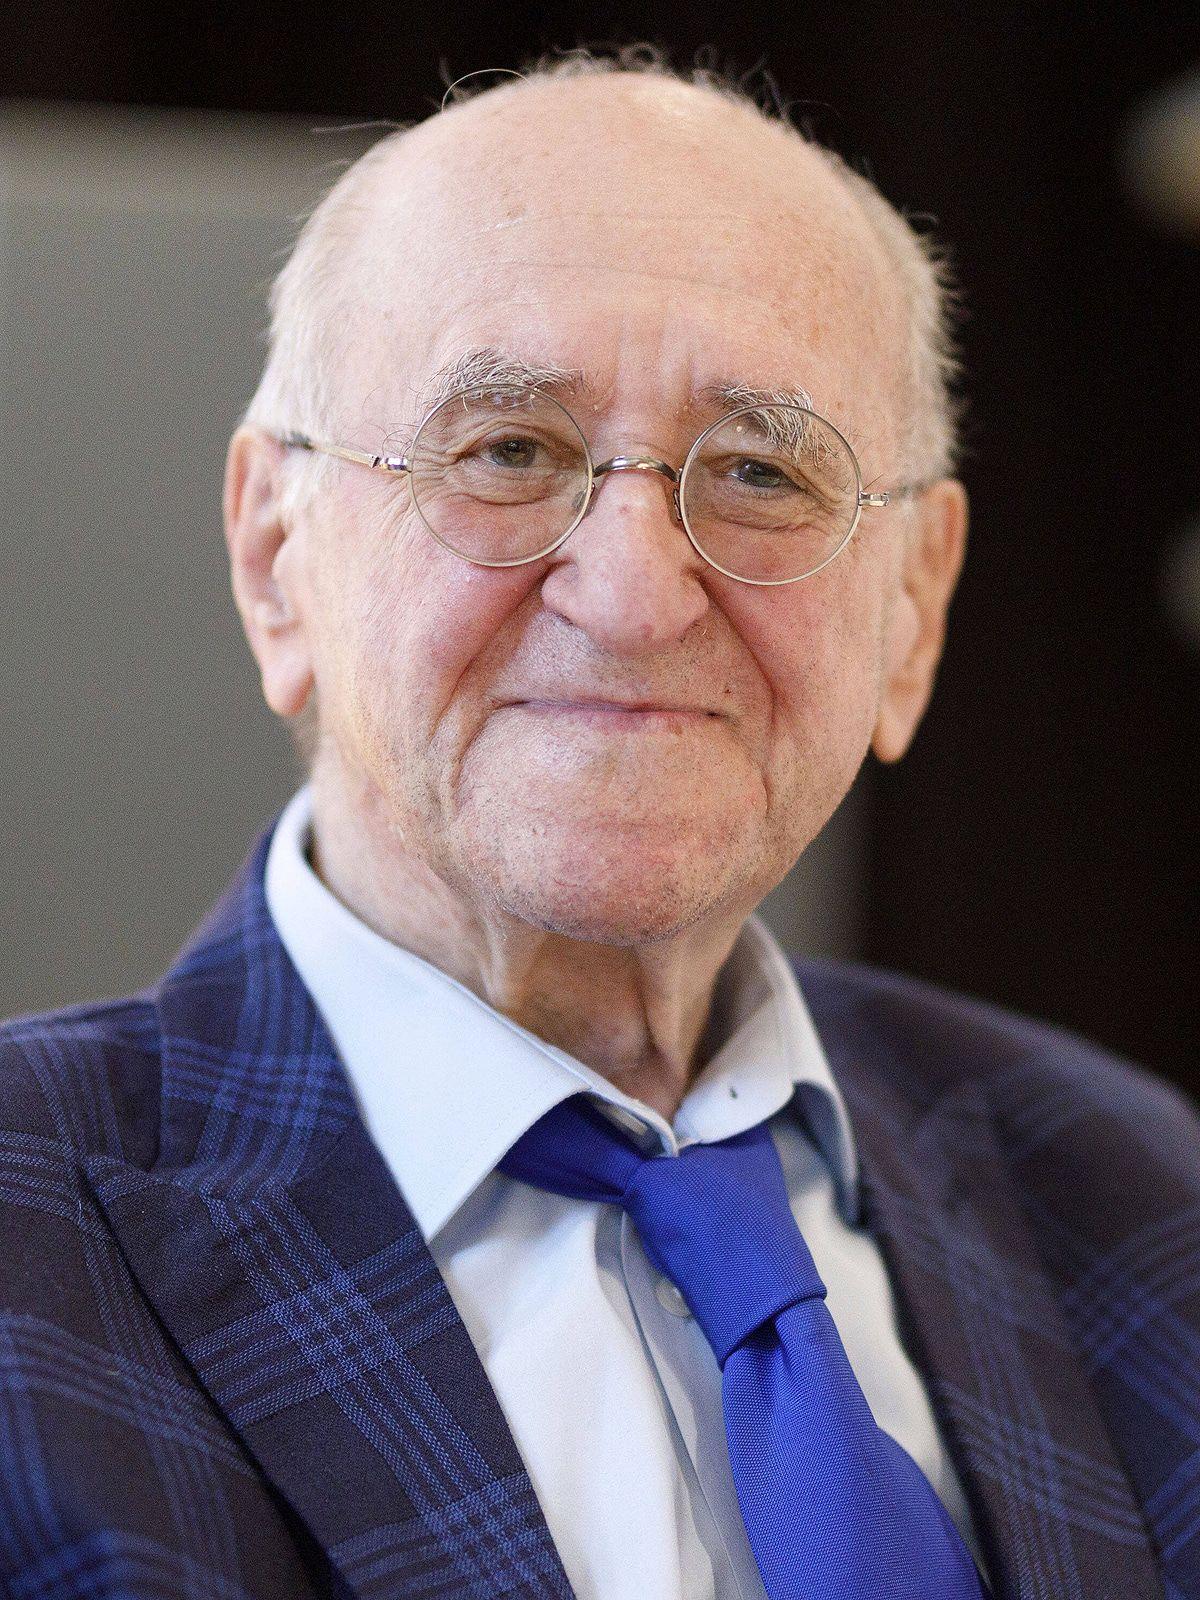 Alfred Biolek über seinen 86. Geburtstag und eine Patientenverfügung